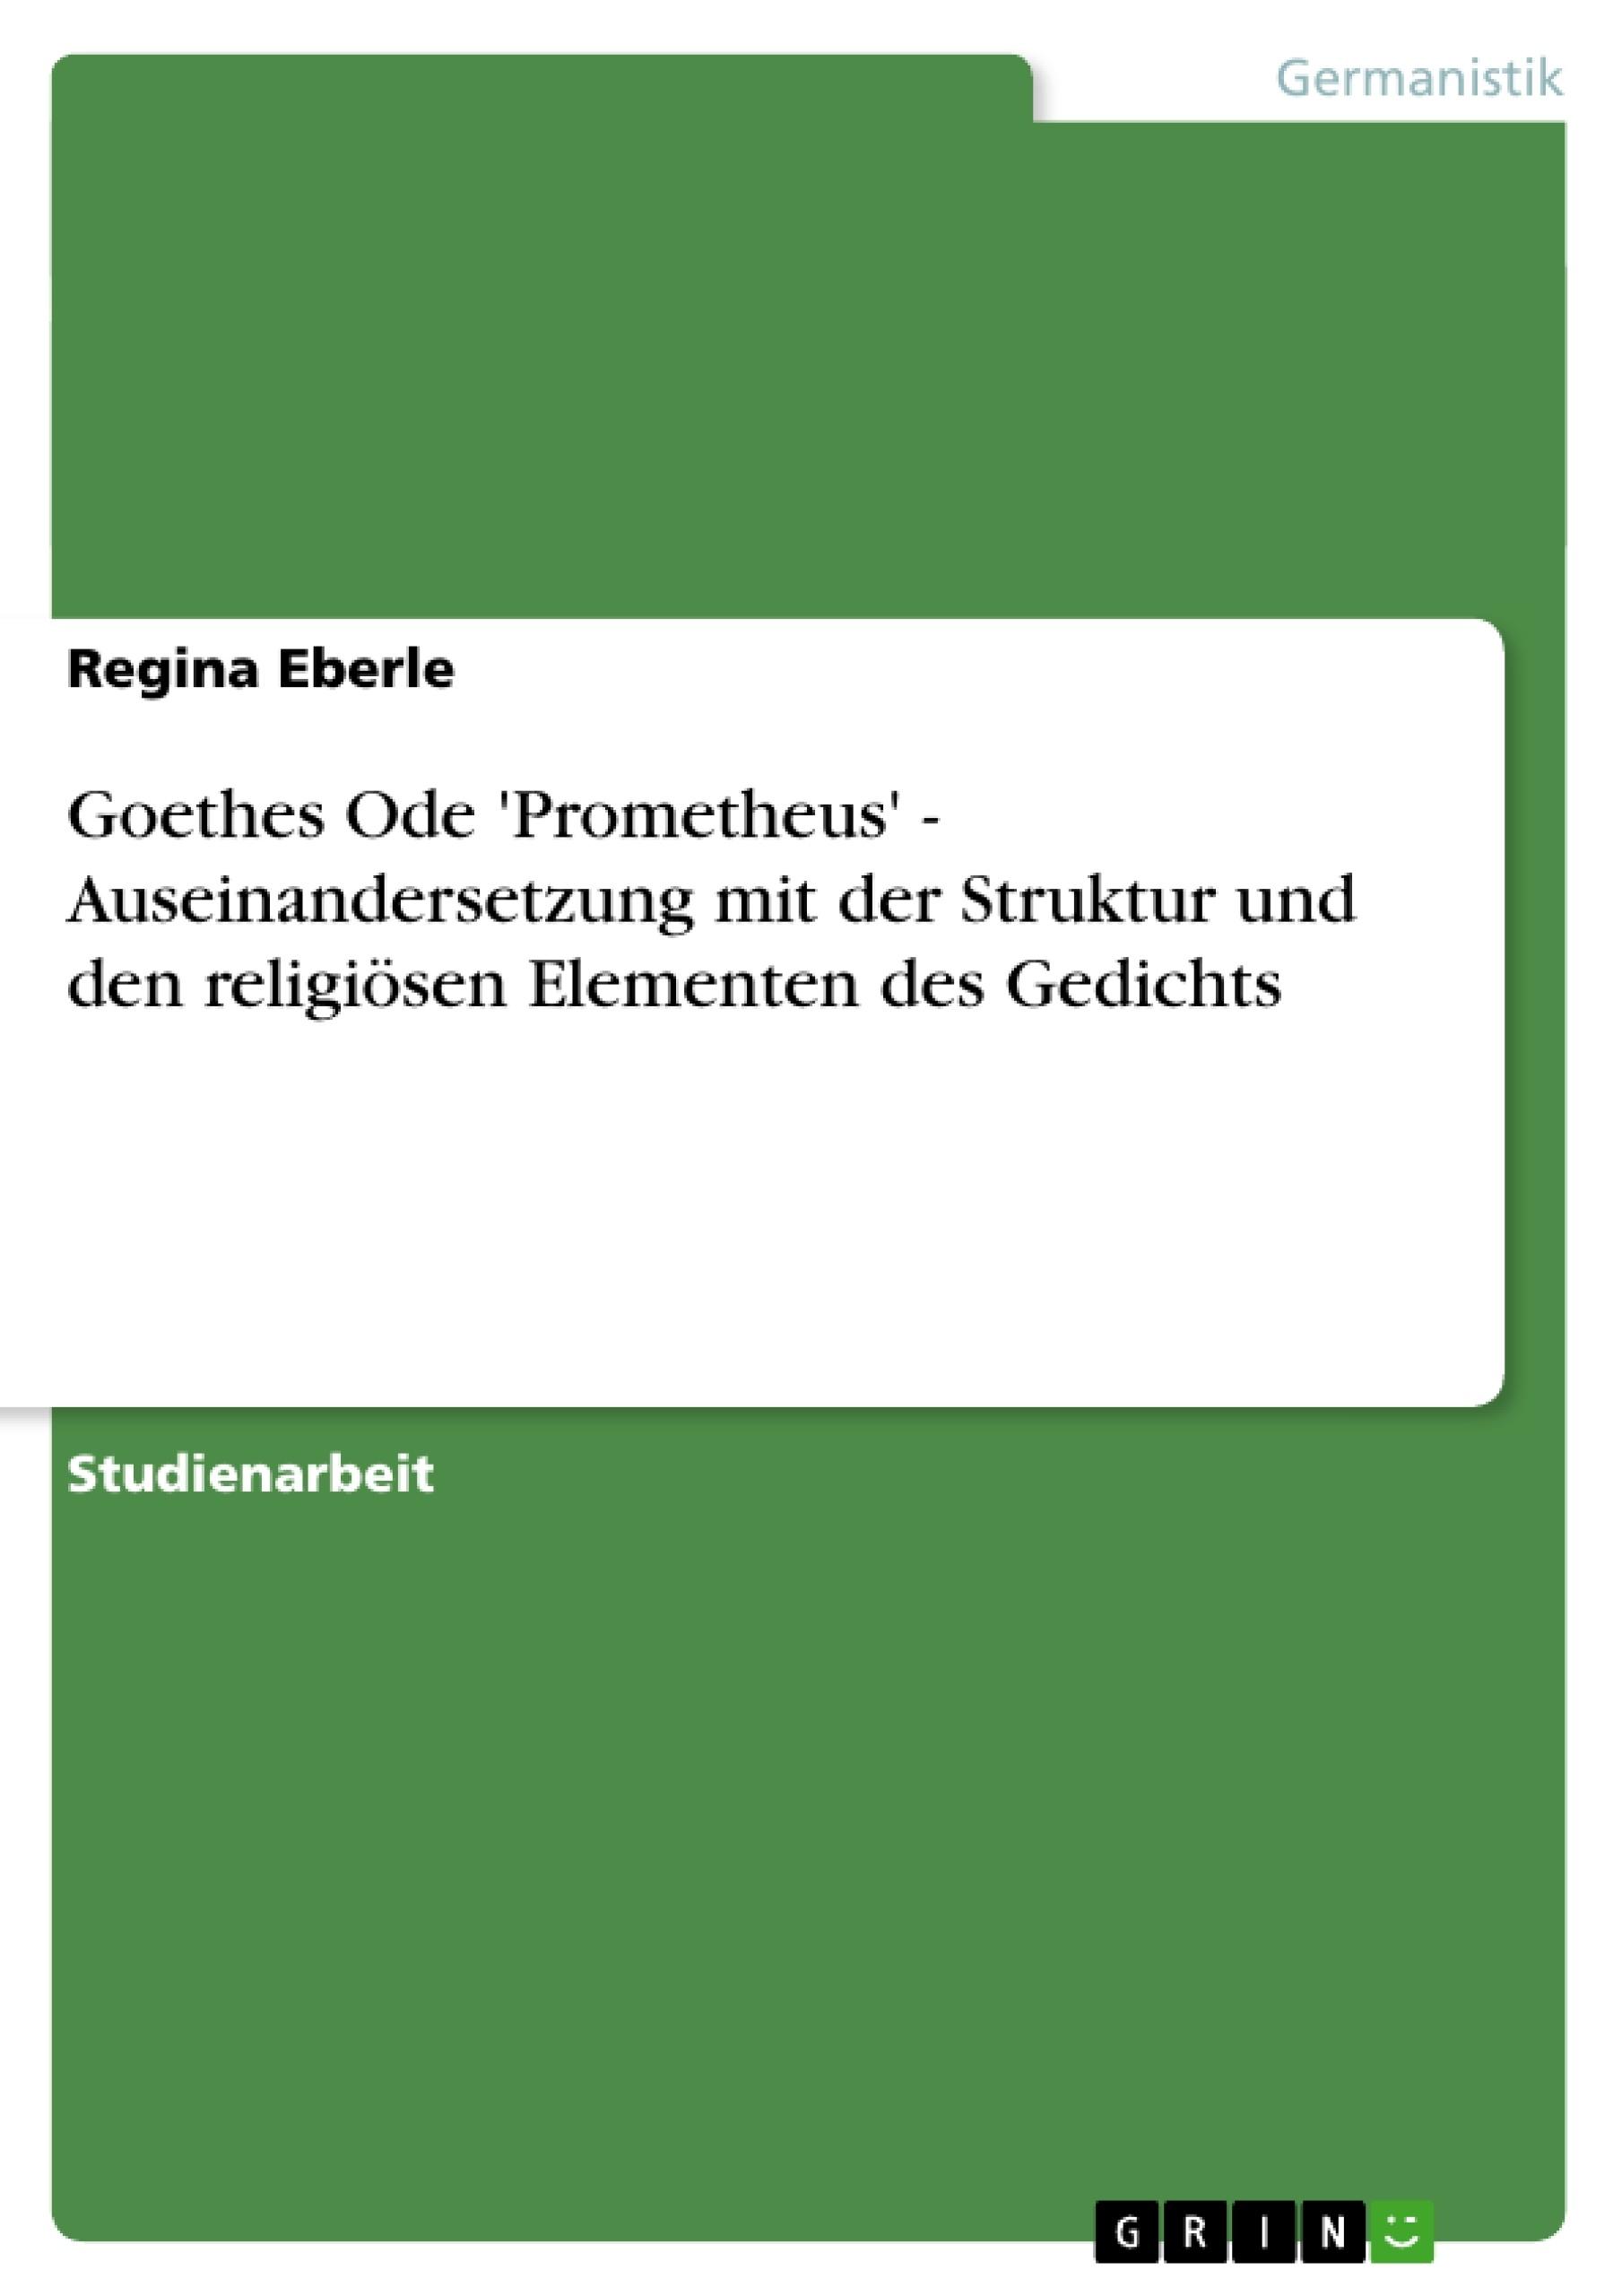 Titel: Goethes Ode 'Prometheus' - Auseinandersetzung mit der Struktur und den religiösen Elementen des Gedichts